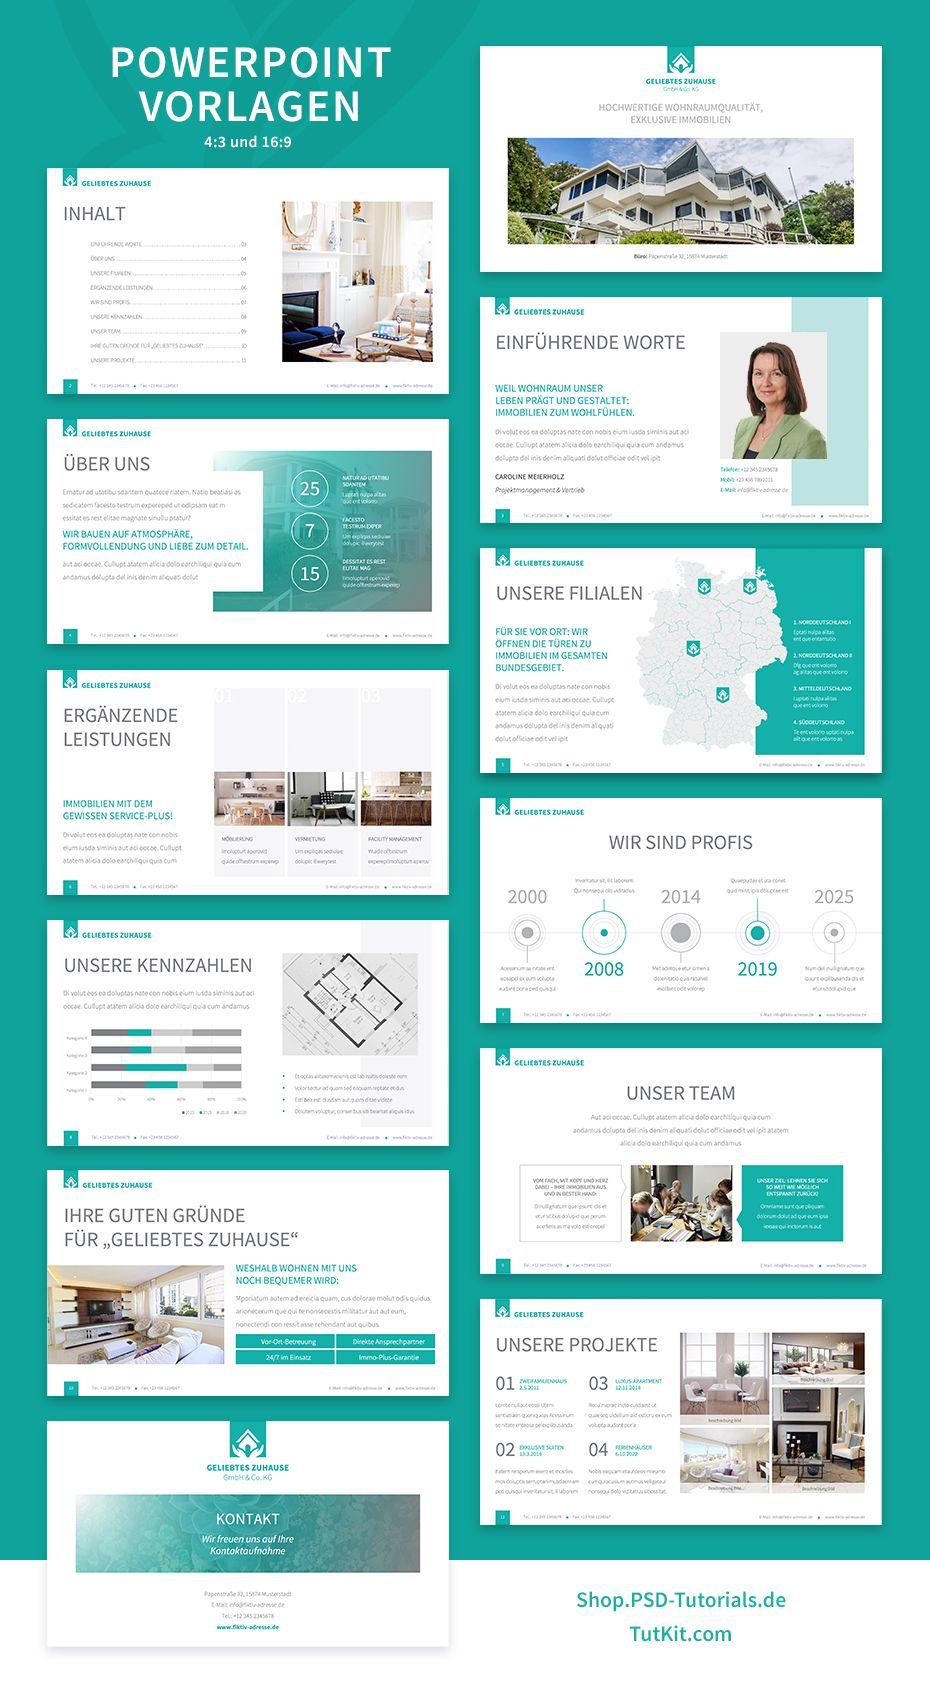 Elegantes Corporate Design Fur Immobilienfirmen Und Architekturburos Corporate Design Powerpoint Prasentation Power Point